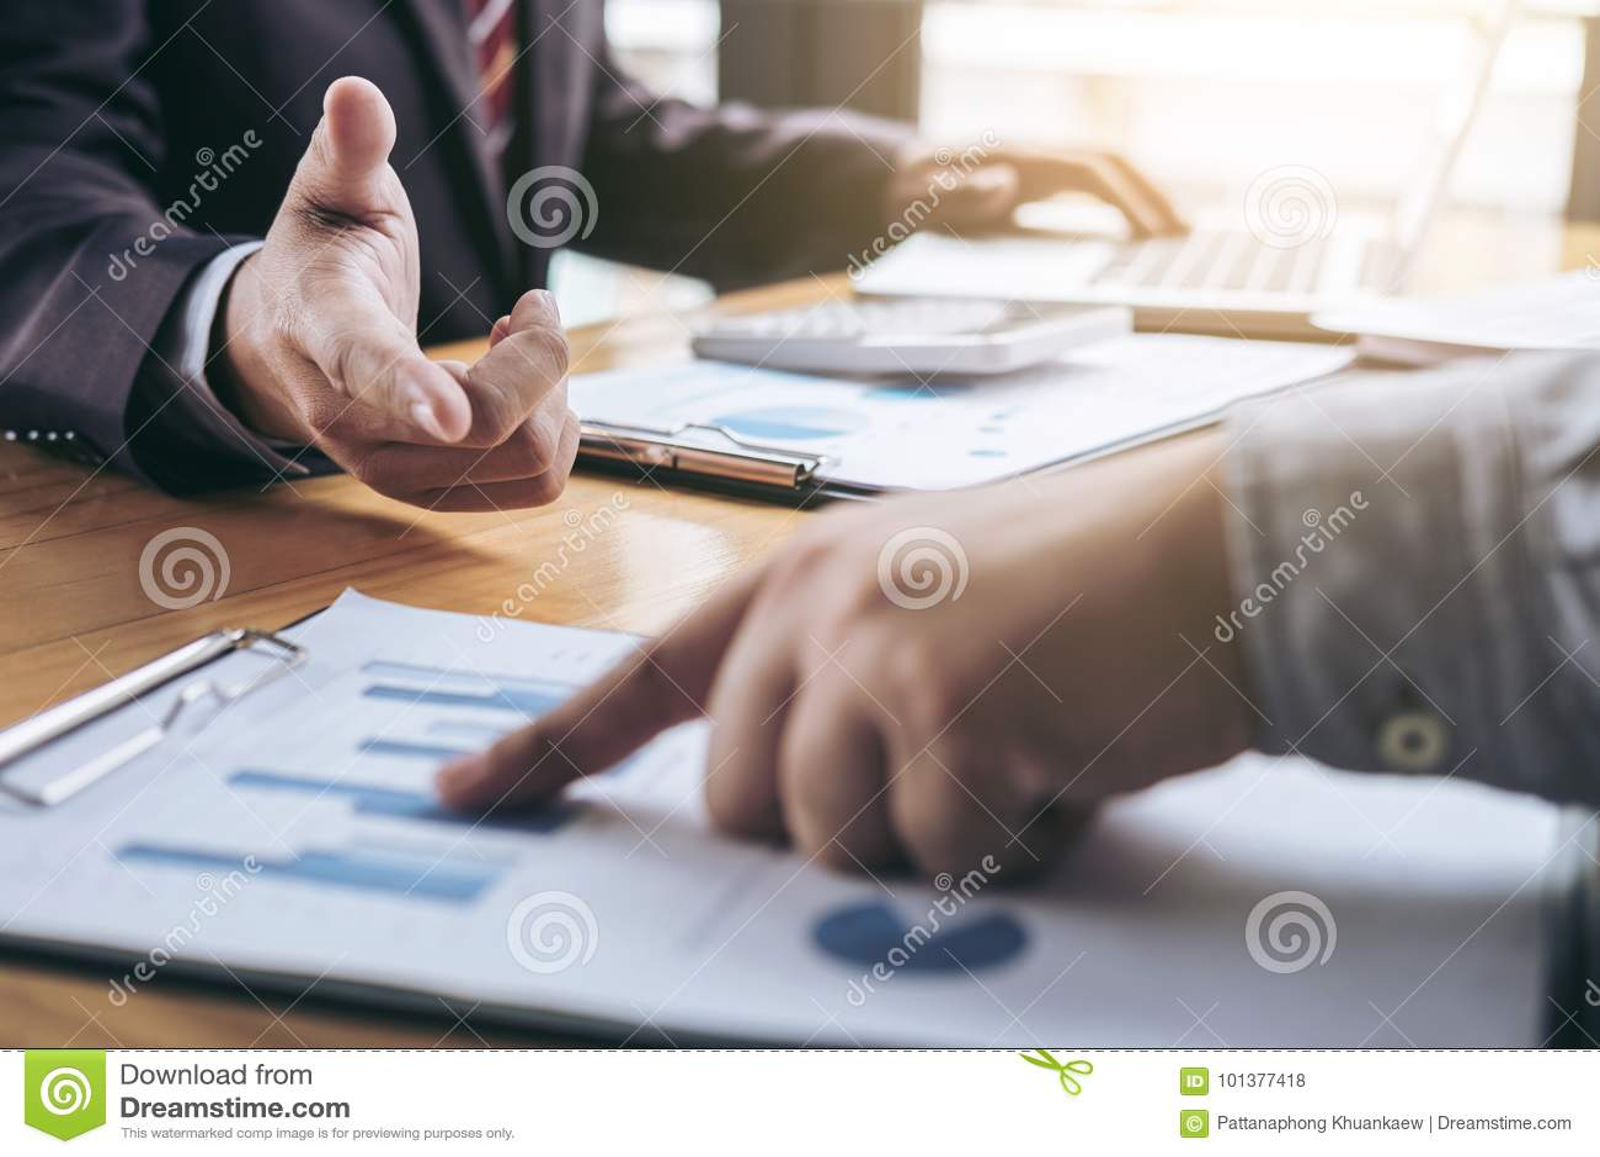 Co pracująca konferencja, biznesu spotkania drużynowa teraźniejszość, inwestor c